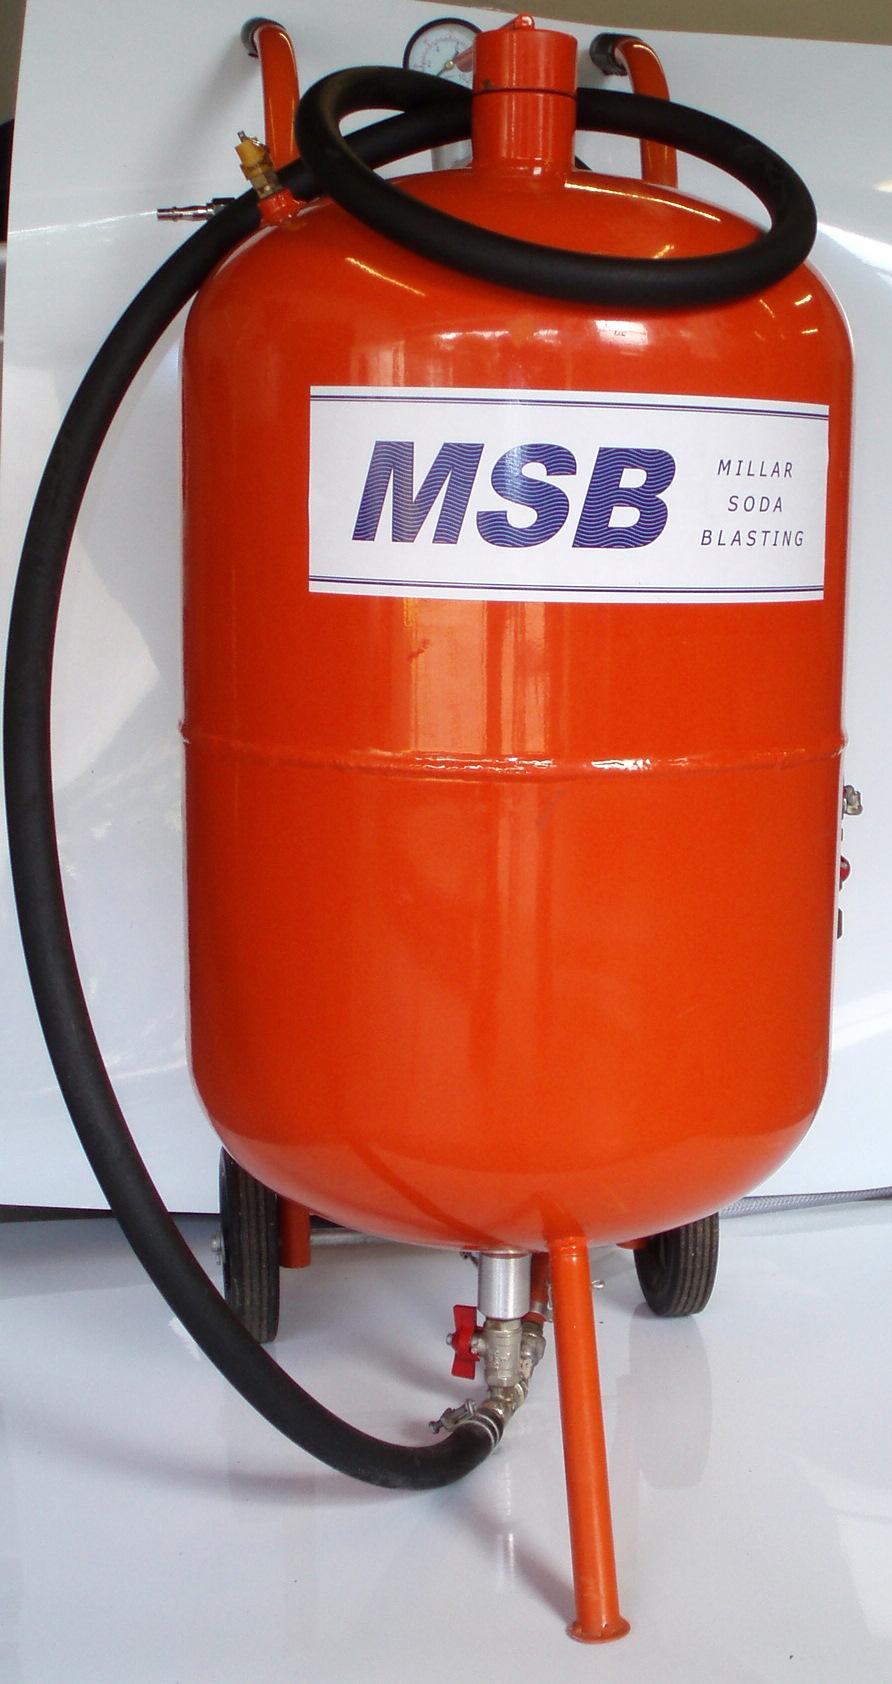 Millar Soda Blasting